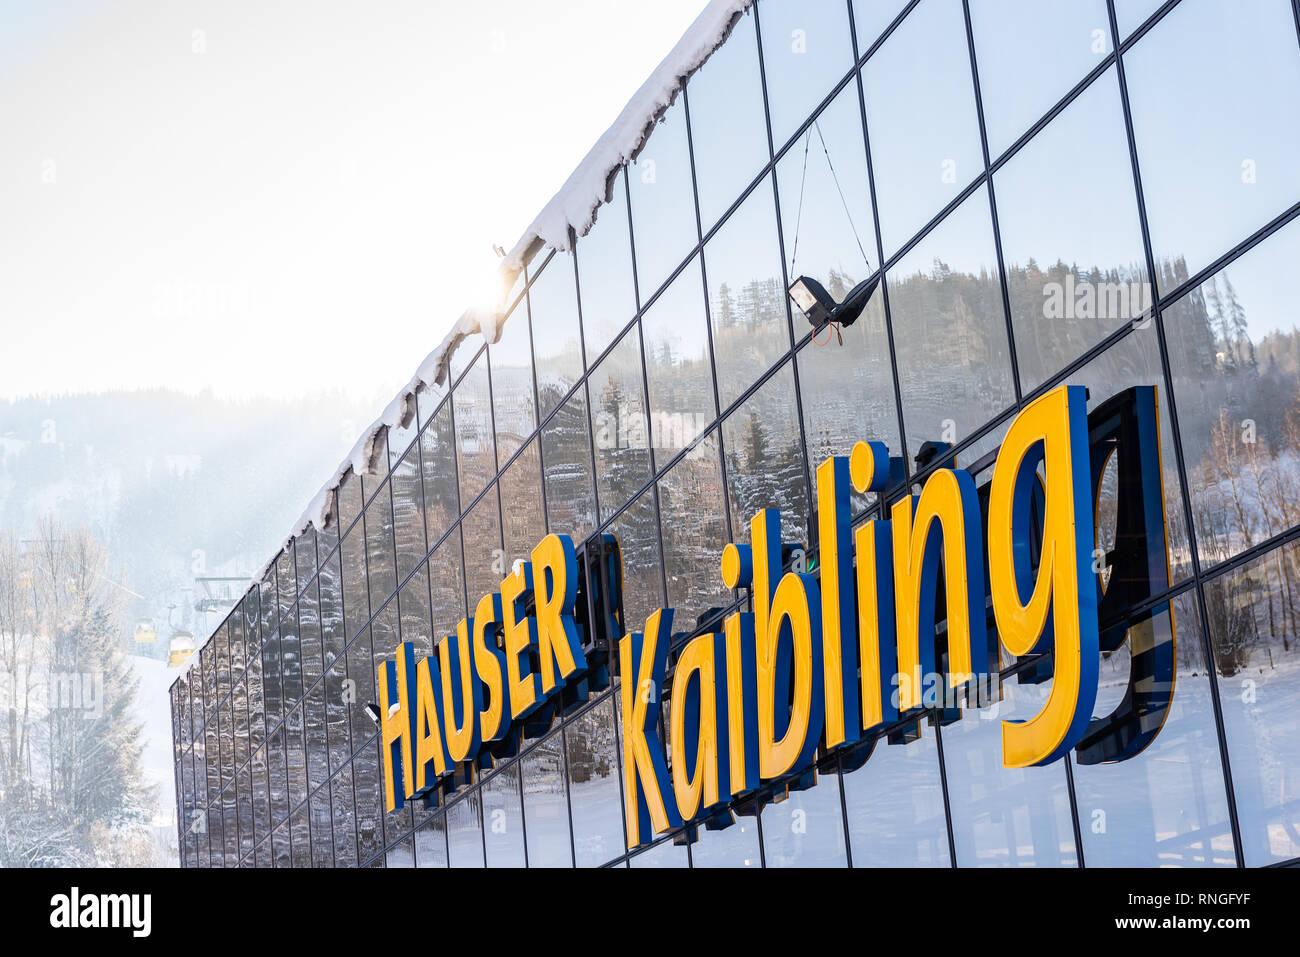 Skigebiet Hauser Kaibling in Österreich Top Skigebiete: 44 Lifte, 123 km Pisten, Ski Österreich, Alpen, Ski Amade Stockfoto